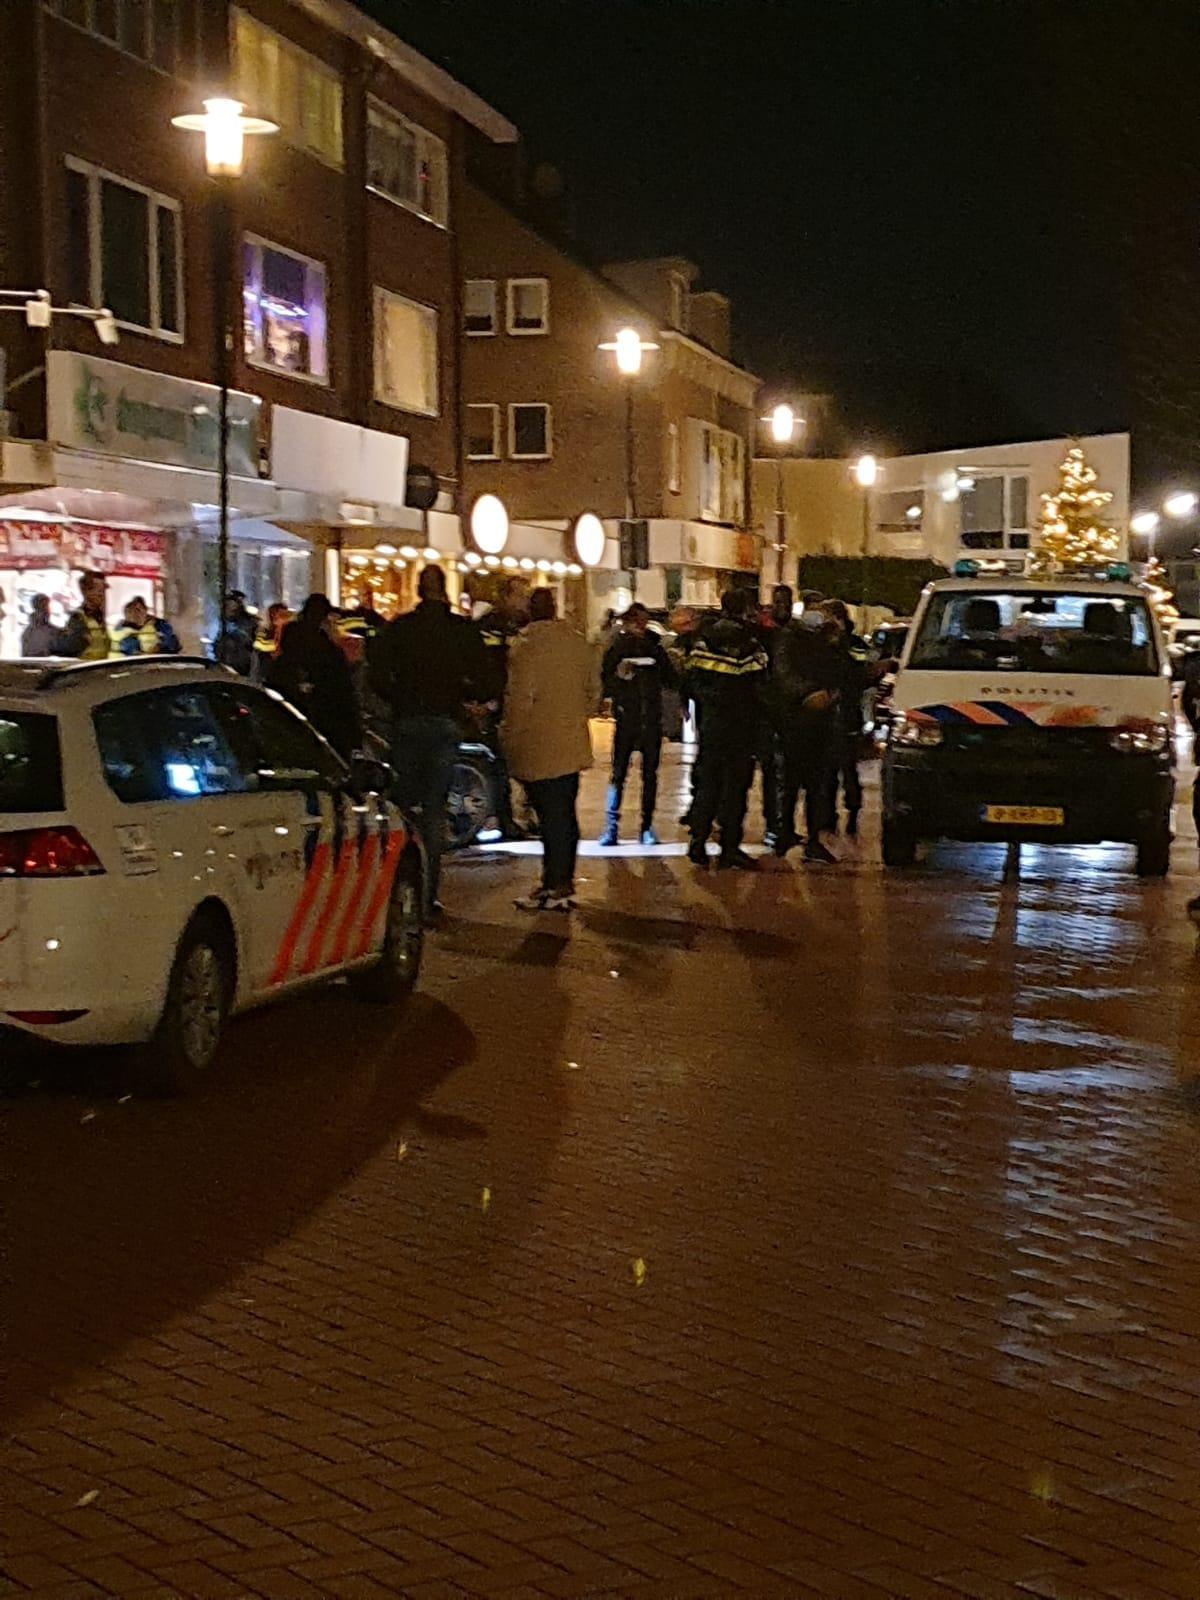 Politie en handhavers voeren grootschalige actie in Velsen-Noord vanwege overlast door reljongeren. 'Dit kunnen wij niet tolereren', stelt burgemeester Frank Dales